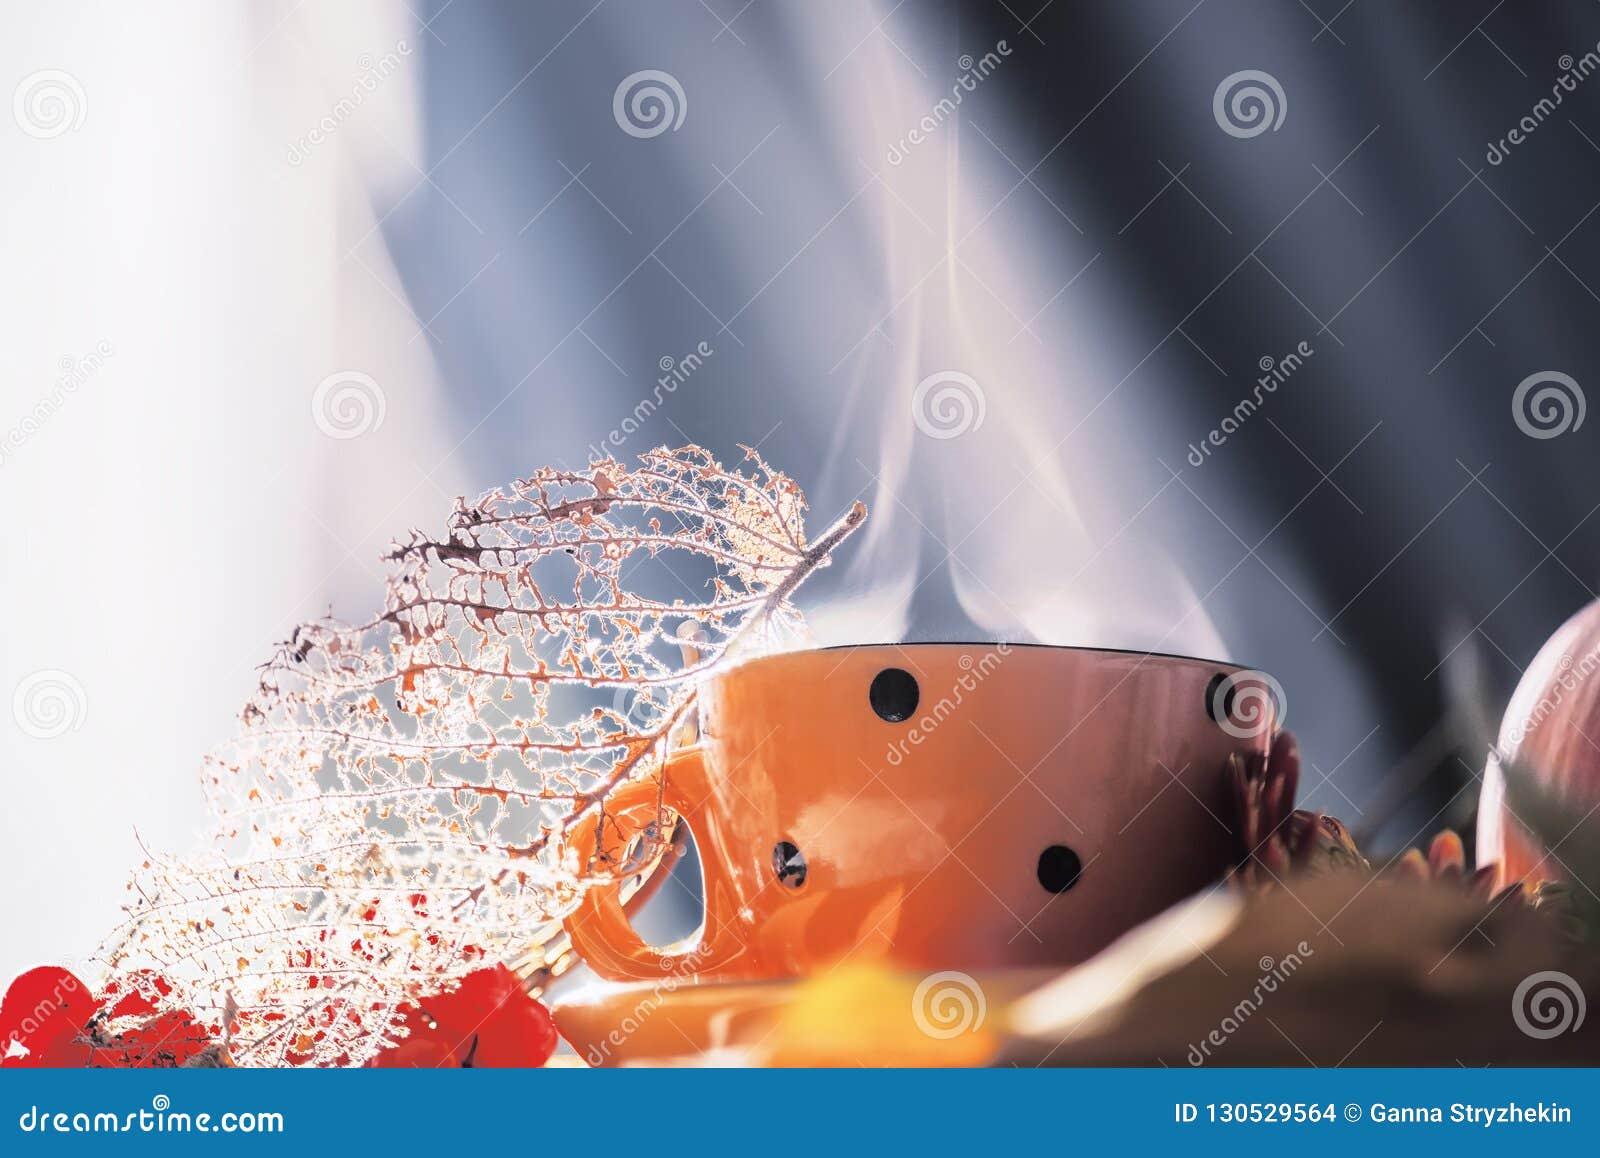 Taza con el cocido al vapor de la bebida al vapor y hojas y bayas secas Foto del arte La atmósfera de un otoño acogedor acogedor